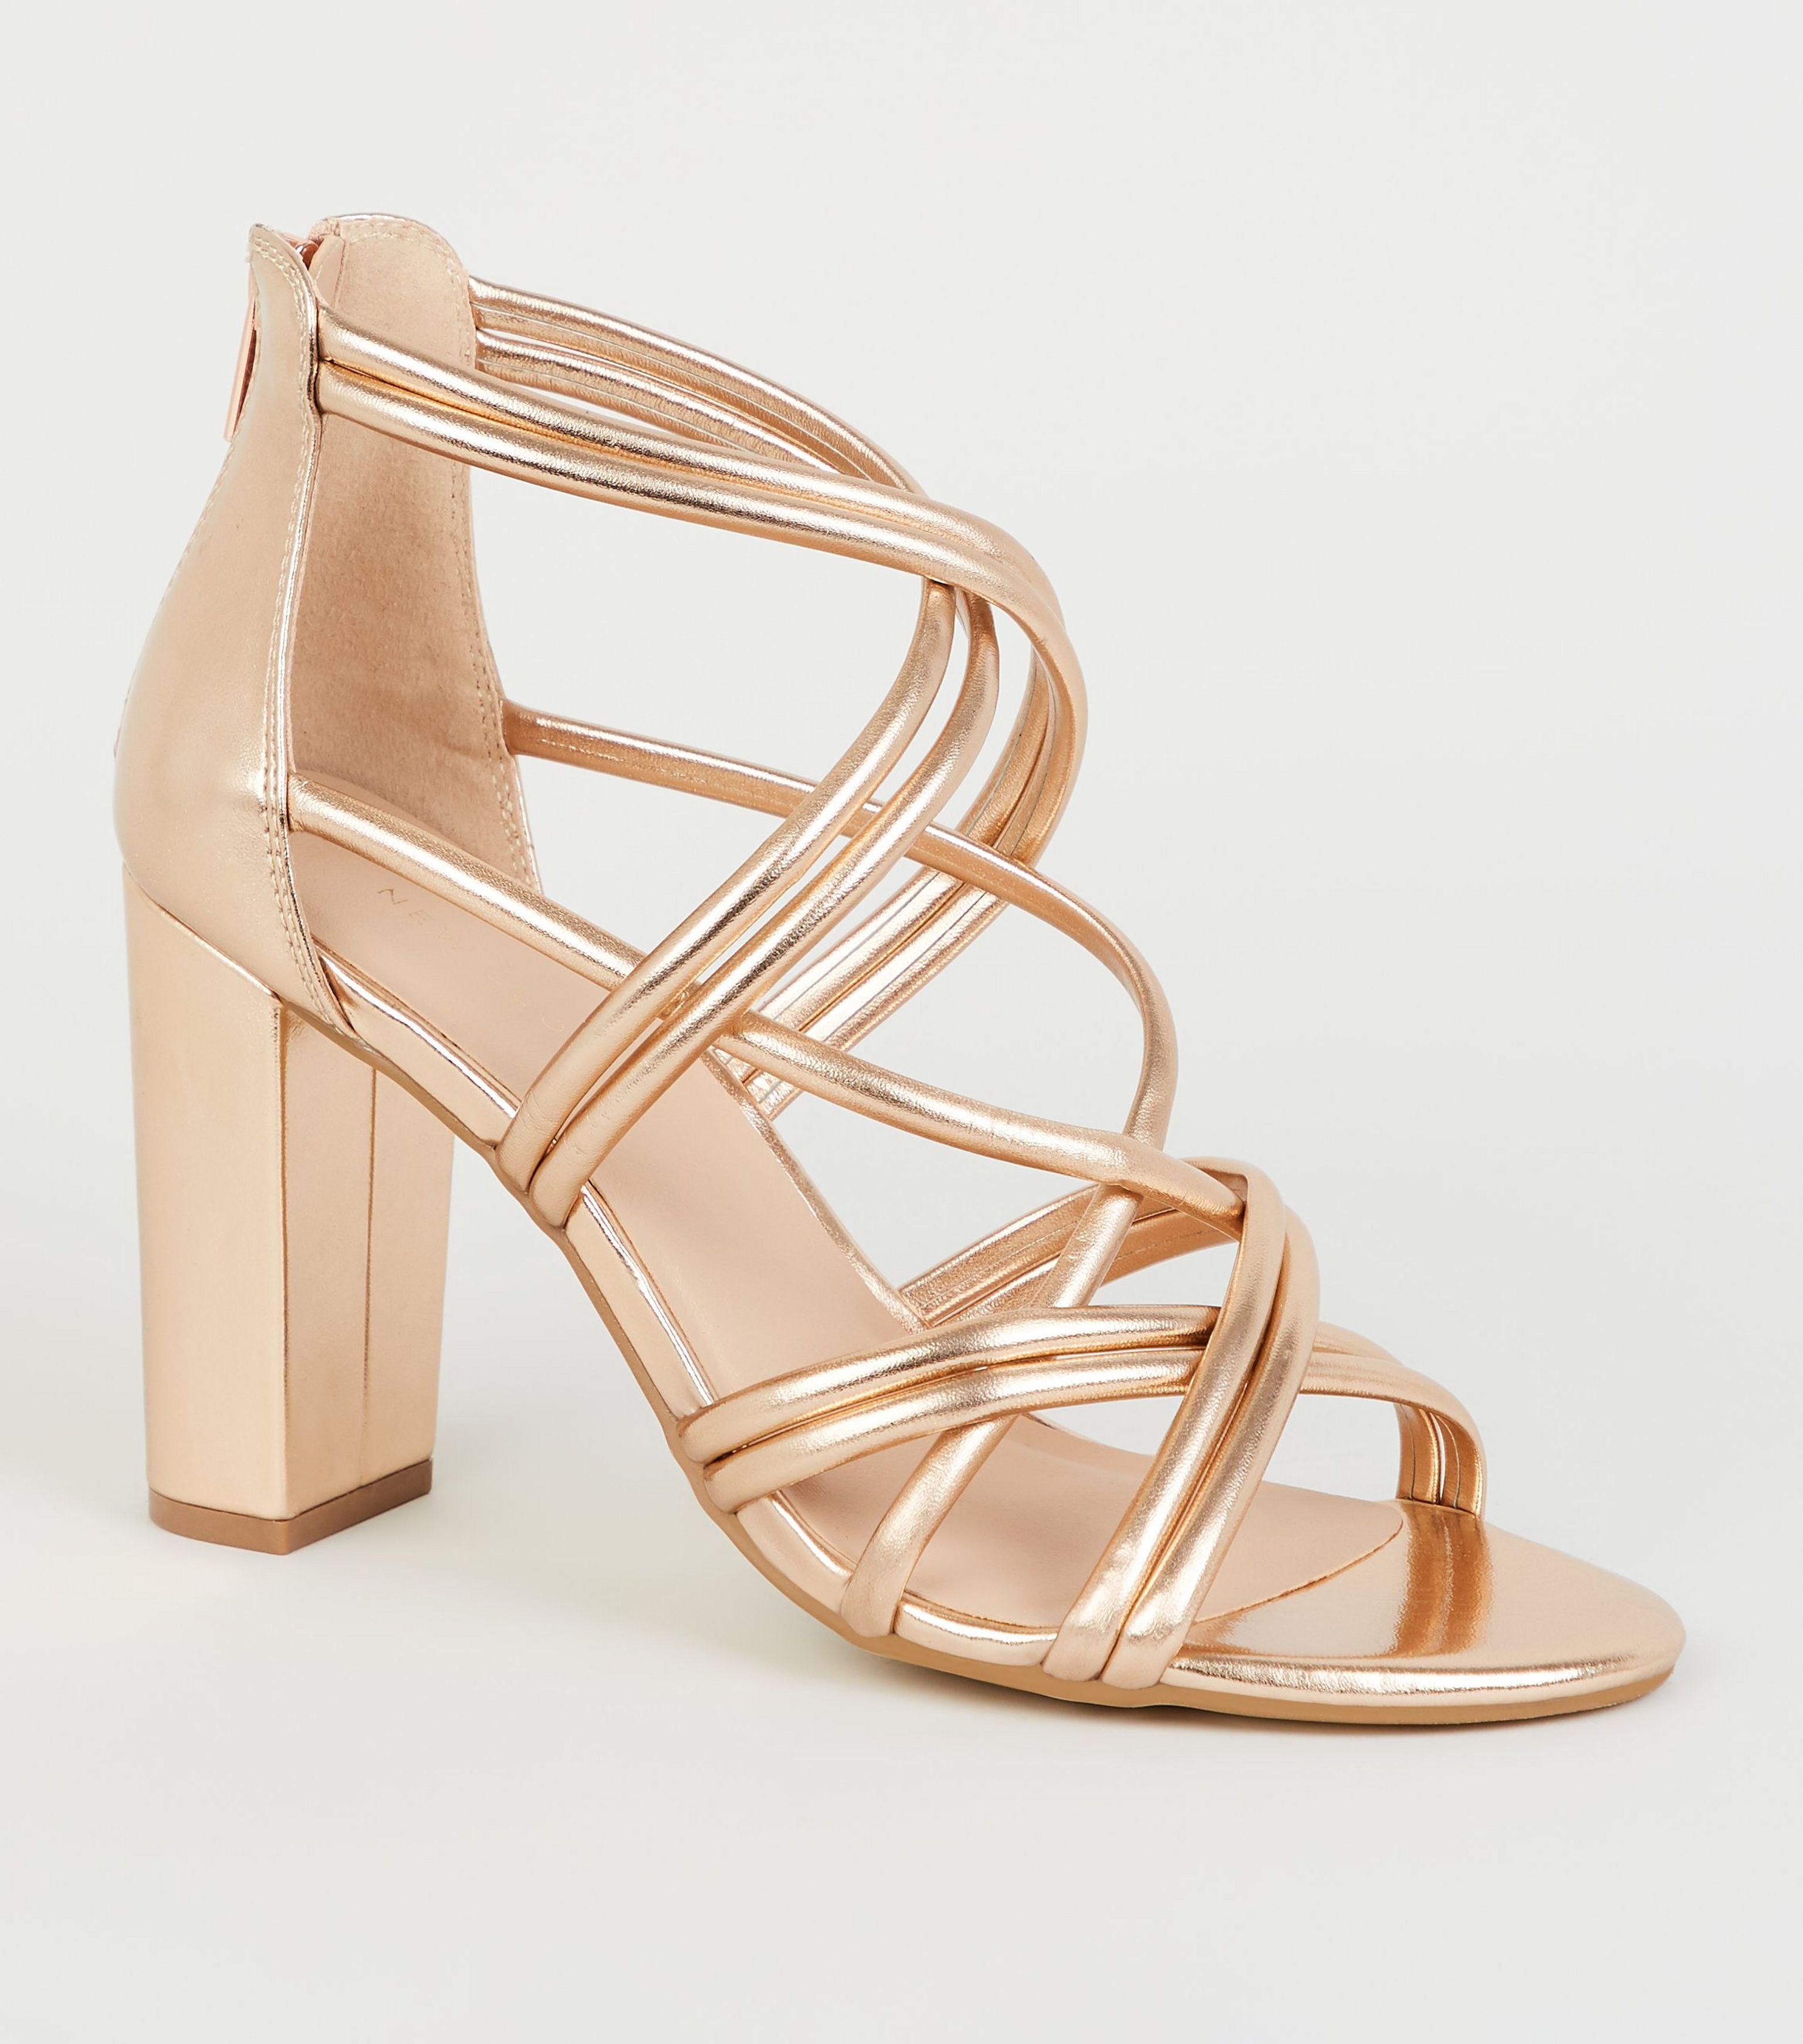 64d04d53f5970 New Look Rose Gold Metallic Block Heel Sandals in Metallic - Lyst